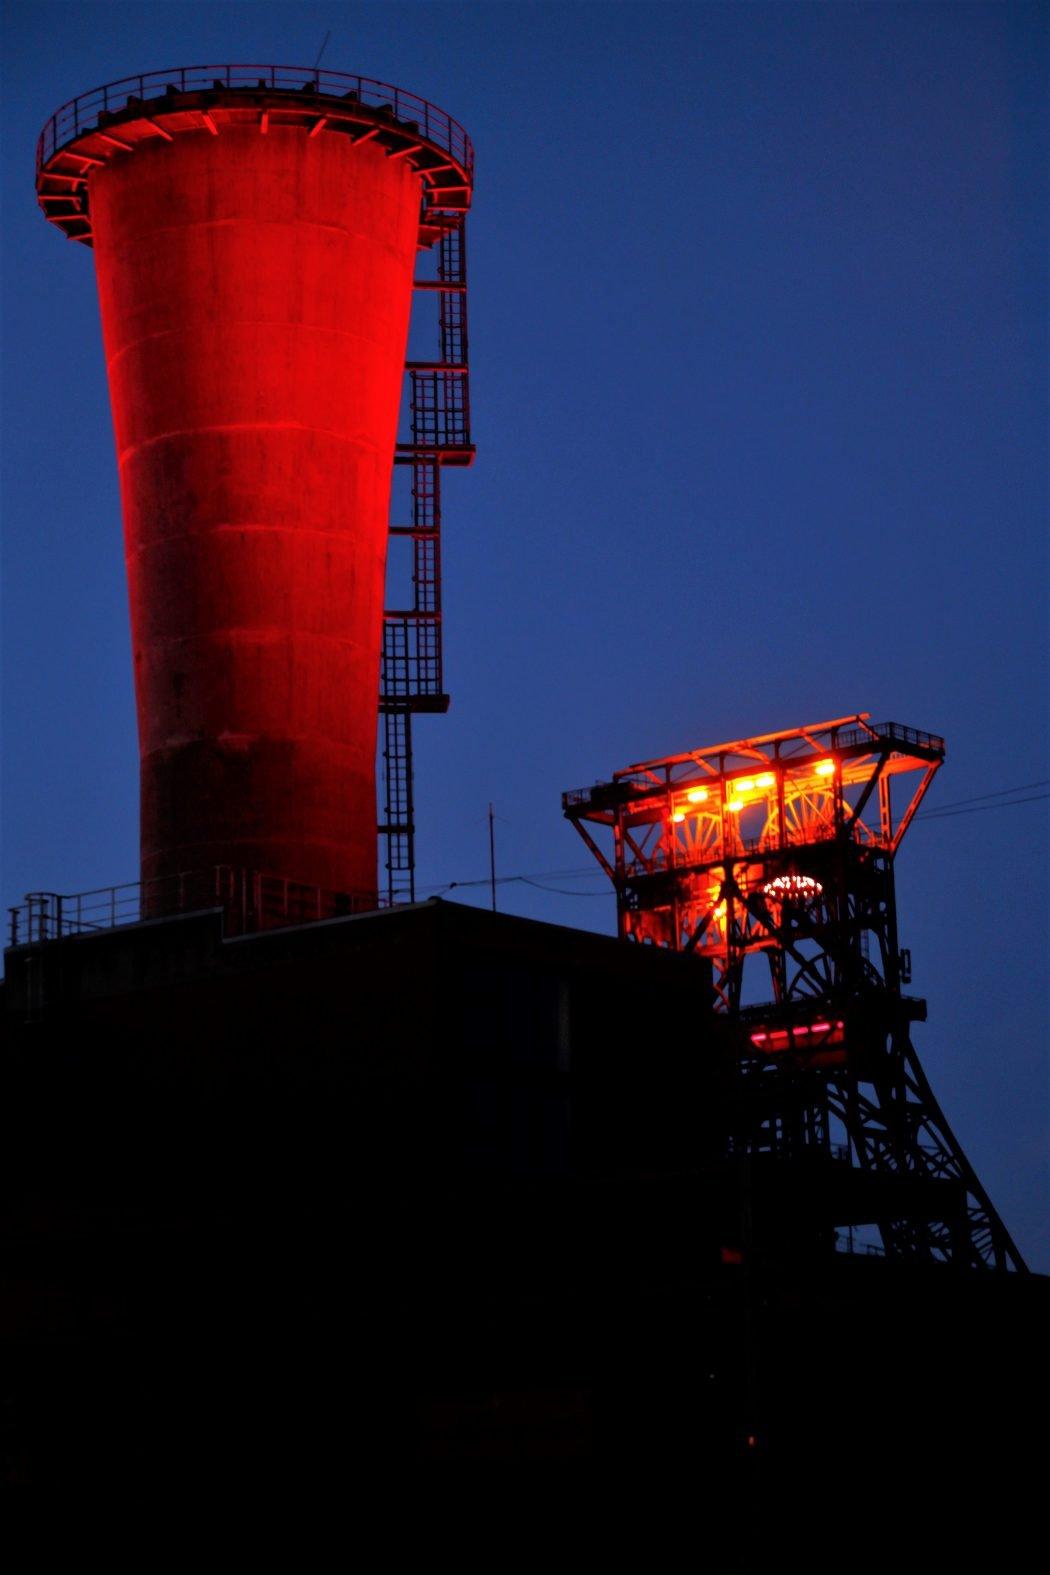 Das Foto zeigt die Zeche Consol in Gelsenkirchen - einen von zahlreichen Fotospots im Ruhrgebiet bei Nacht